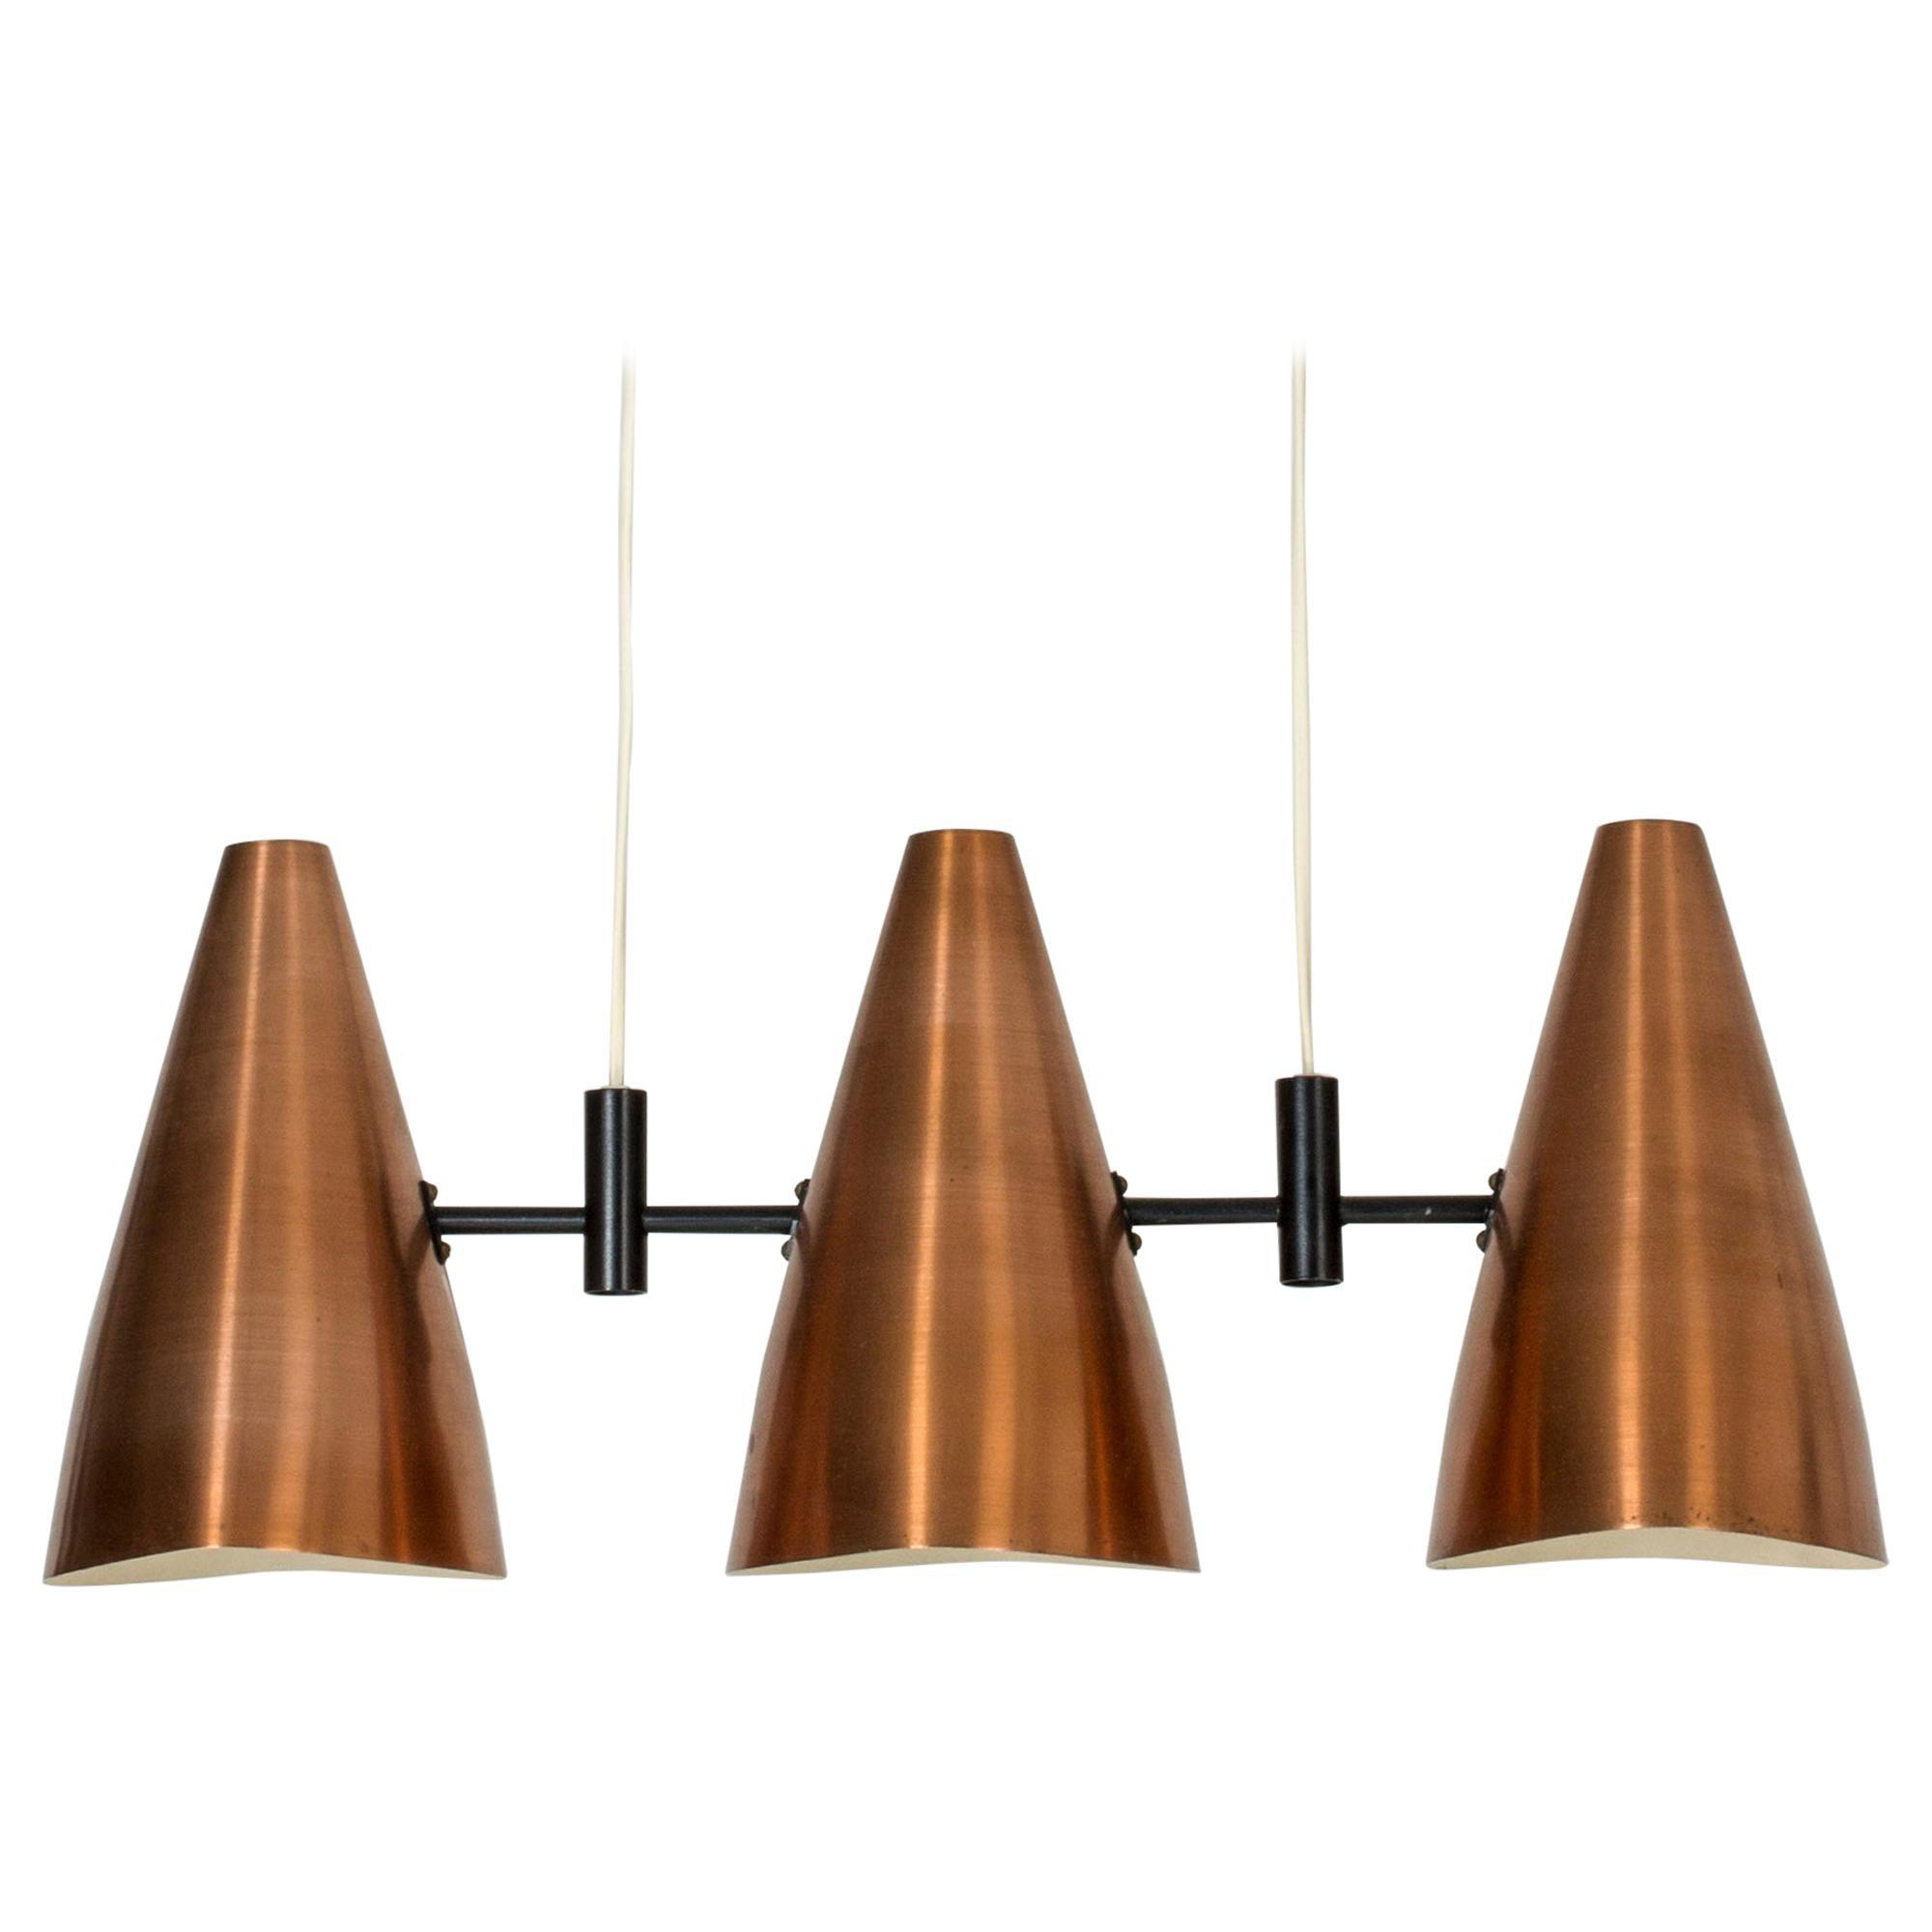 Copper Ceiling Lamp by Eje Ahlgren